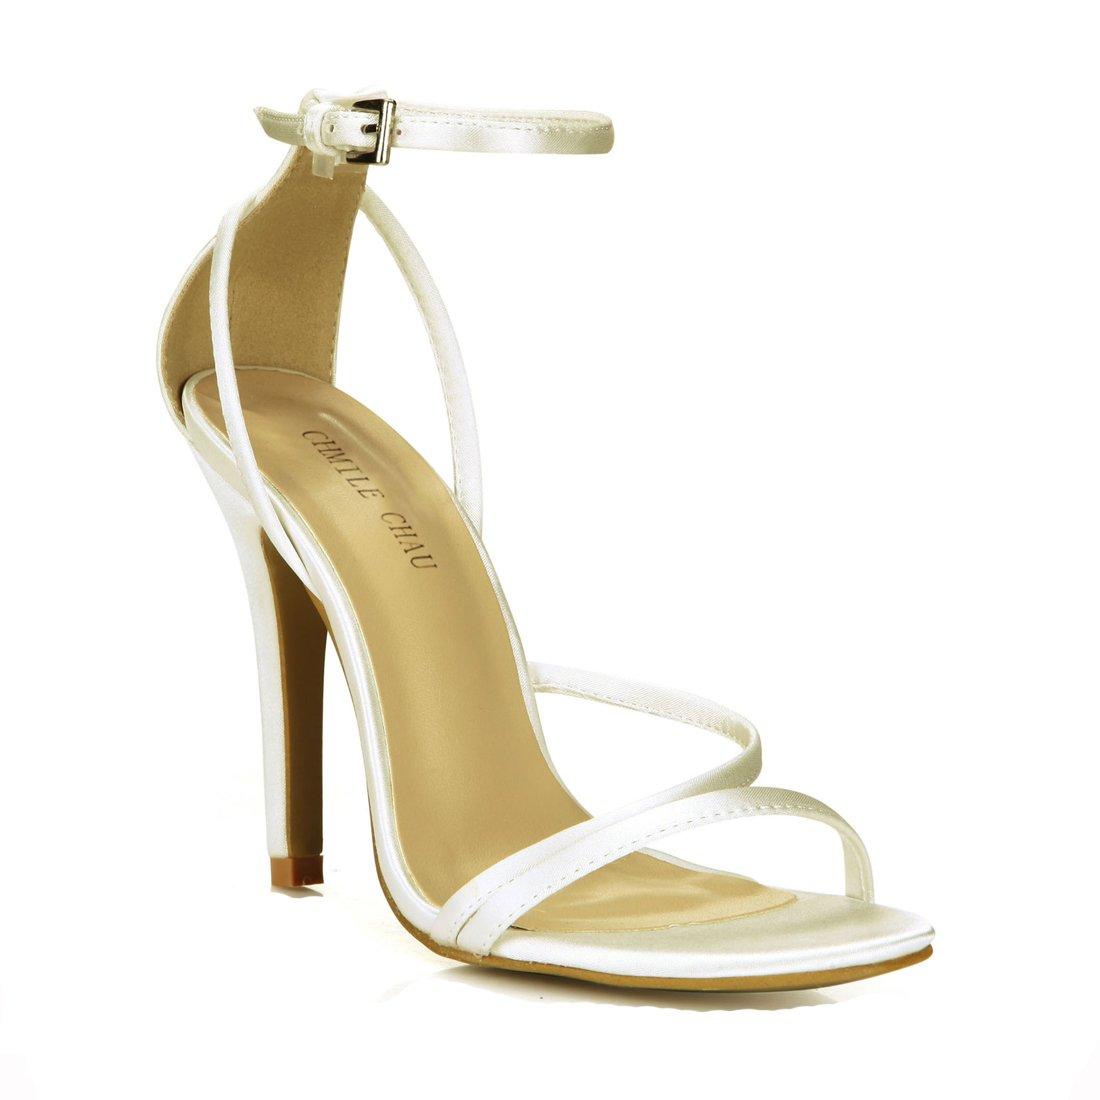 CHMILE Satin-ivoire Aiguille-Bout CHAU-Sandales Femmes-Mariage-Stiletto-Plusieurs Coloris-Bride de Cheville-Talon Rond Haut Aiguille-Bout Rond Satin-ivoire b2069d5 - piero.space